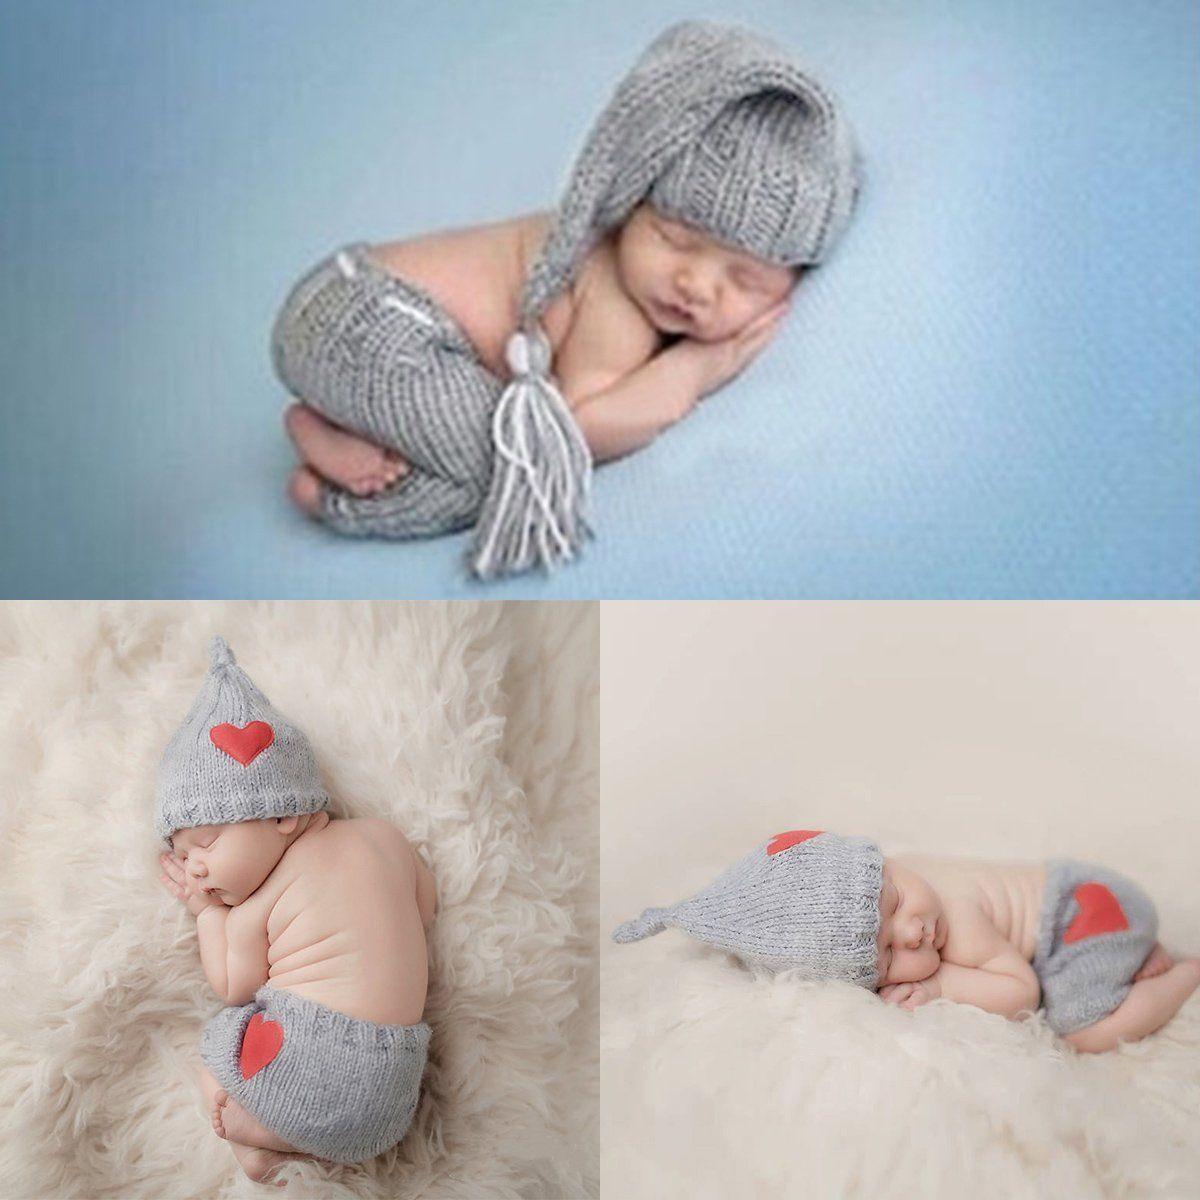 Recién Nacido bebé gorro de ganchillo sombrero amor gorra con corazón + Pantalones cortos fotografía Prop trajes